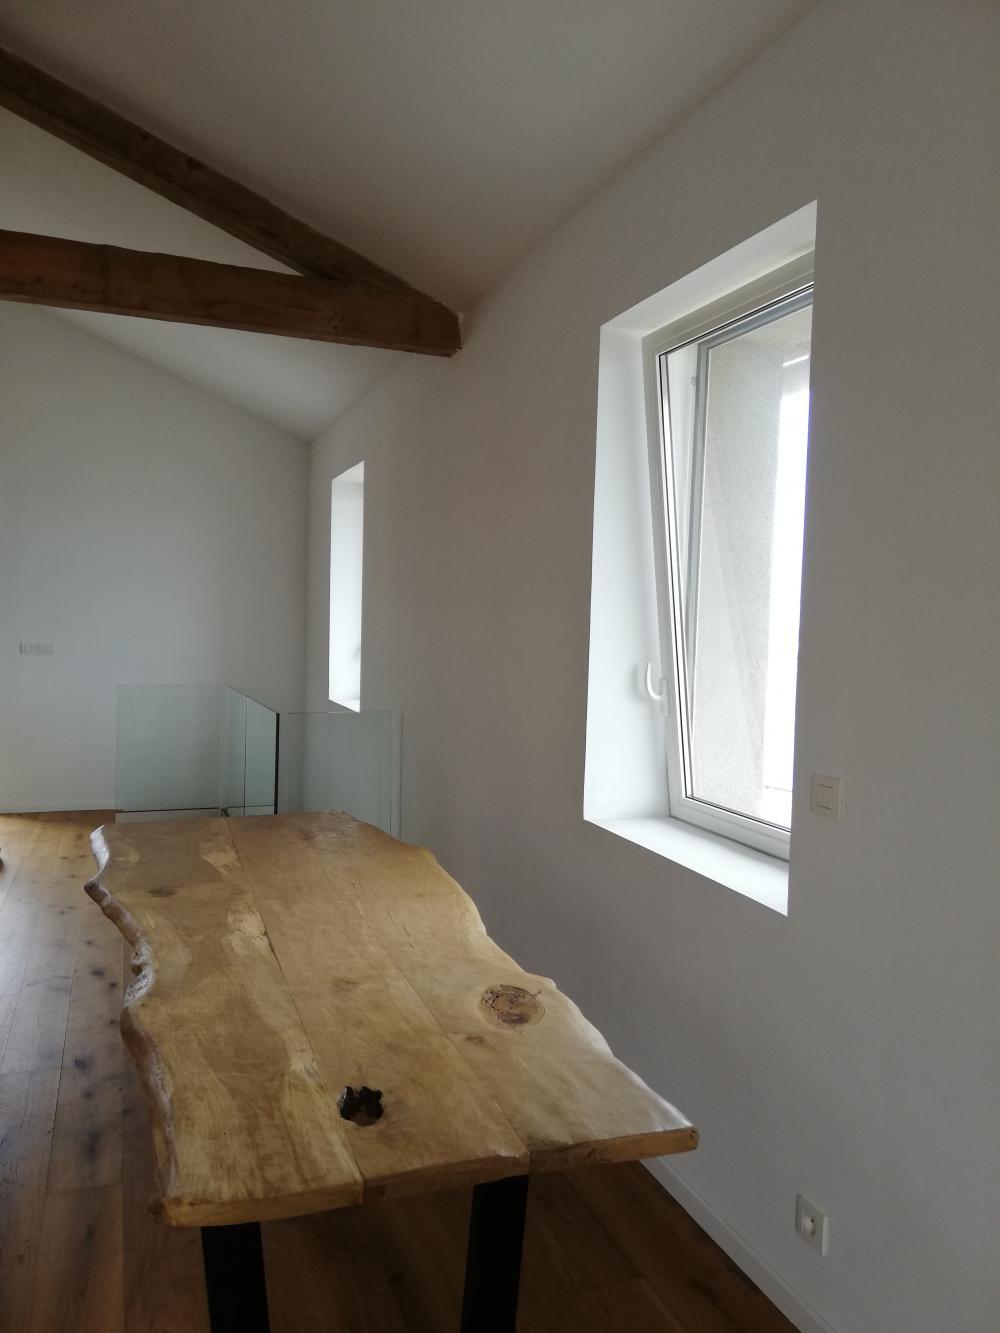 Table en chêne de Bourgogne clair et piétement métalliques noirs – 1750.00€